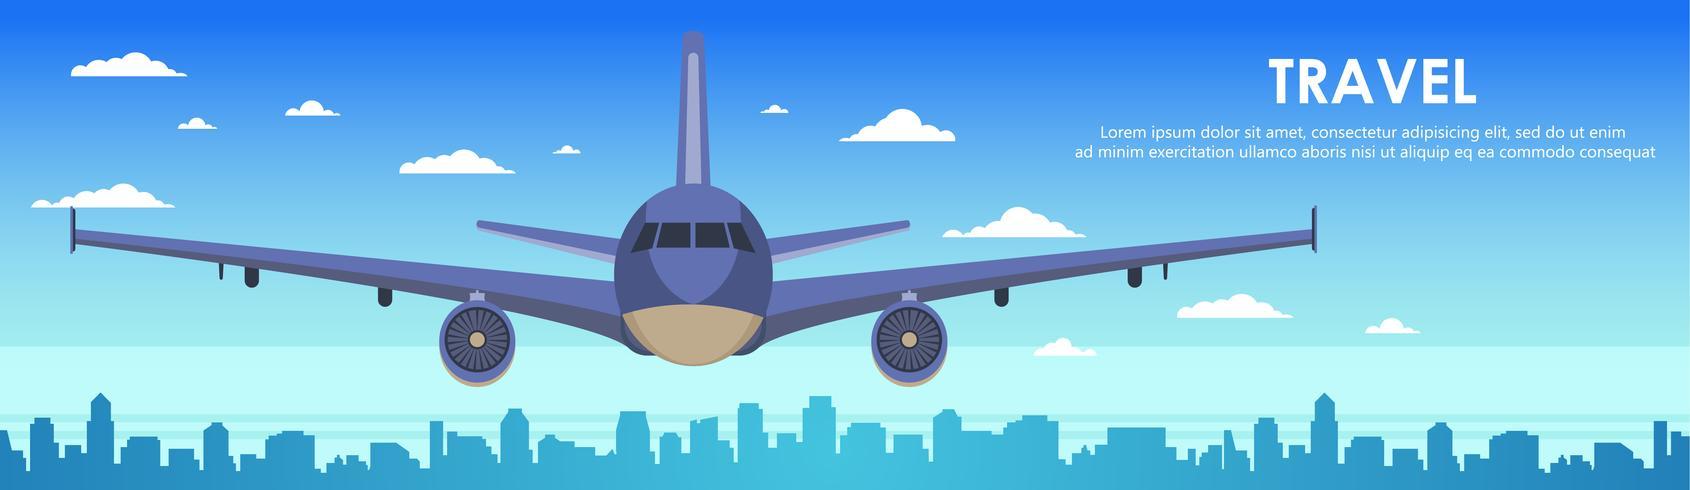 Aeroplano che sorvola i grattacieli della città. Aereo nell'insegna del fondo dell'orizzonte dello scape della città del cielo. Illustrazione vettoriale piatto